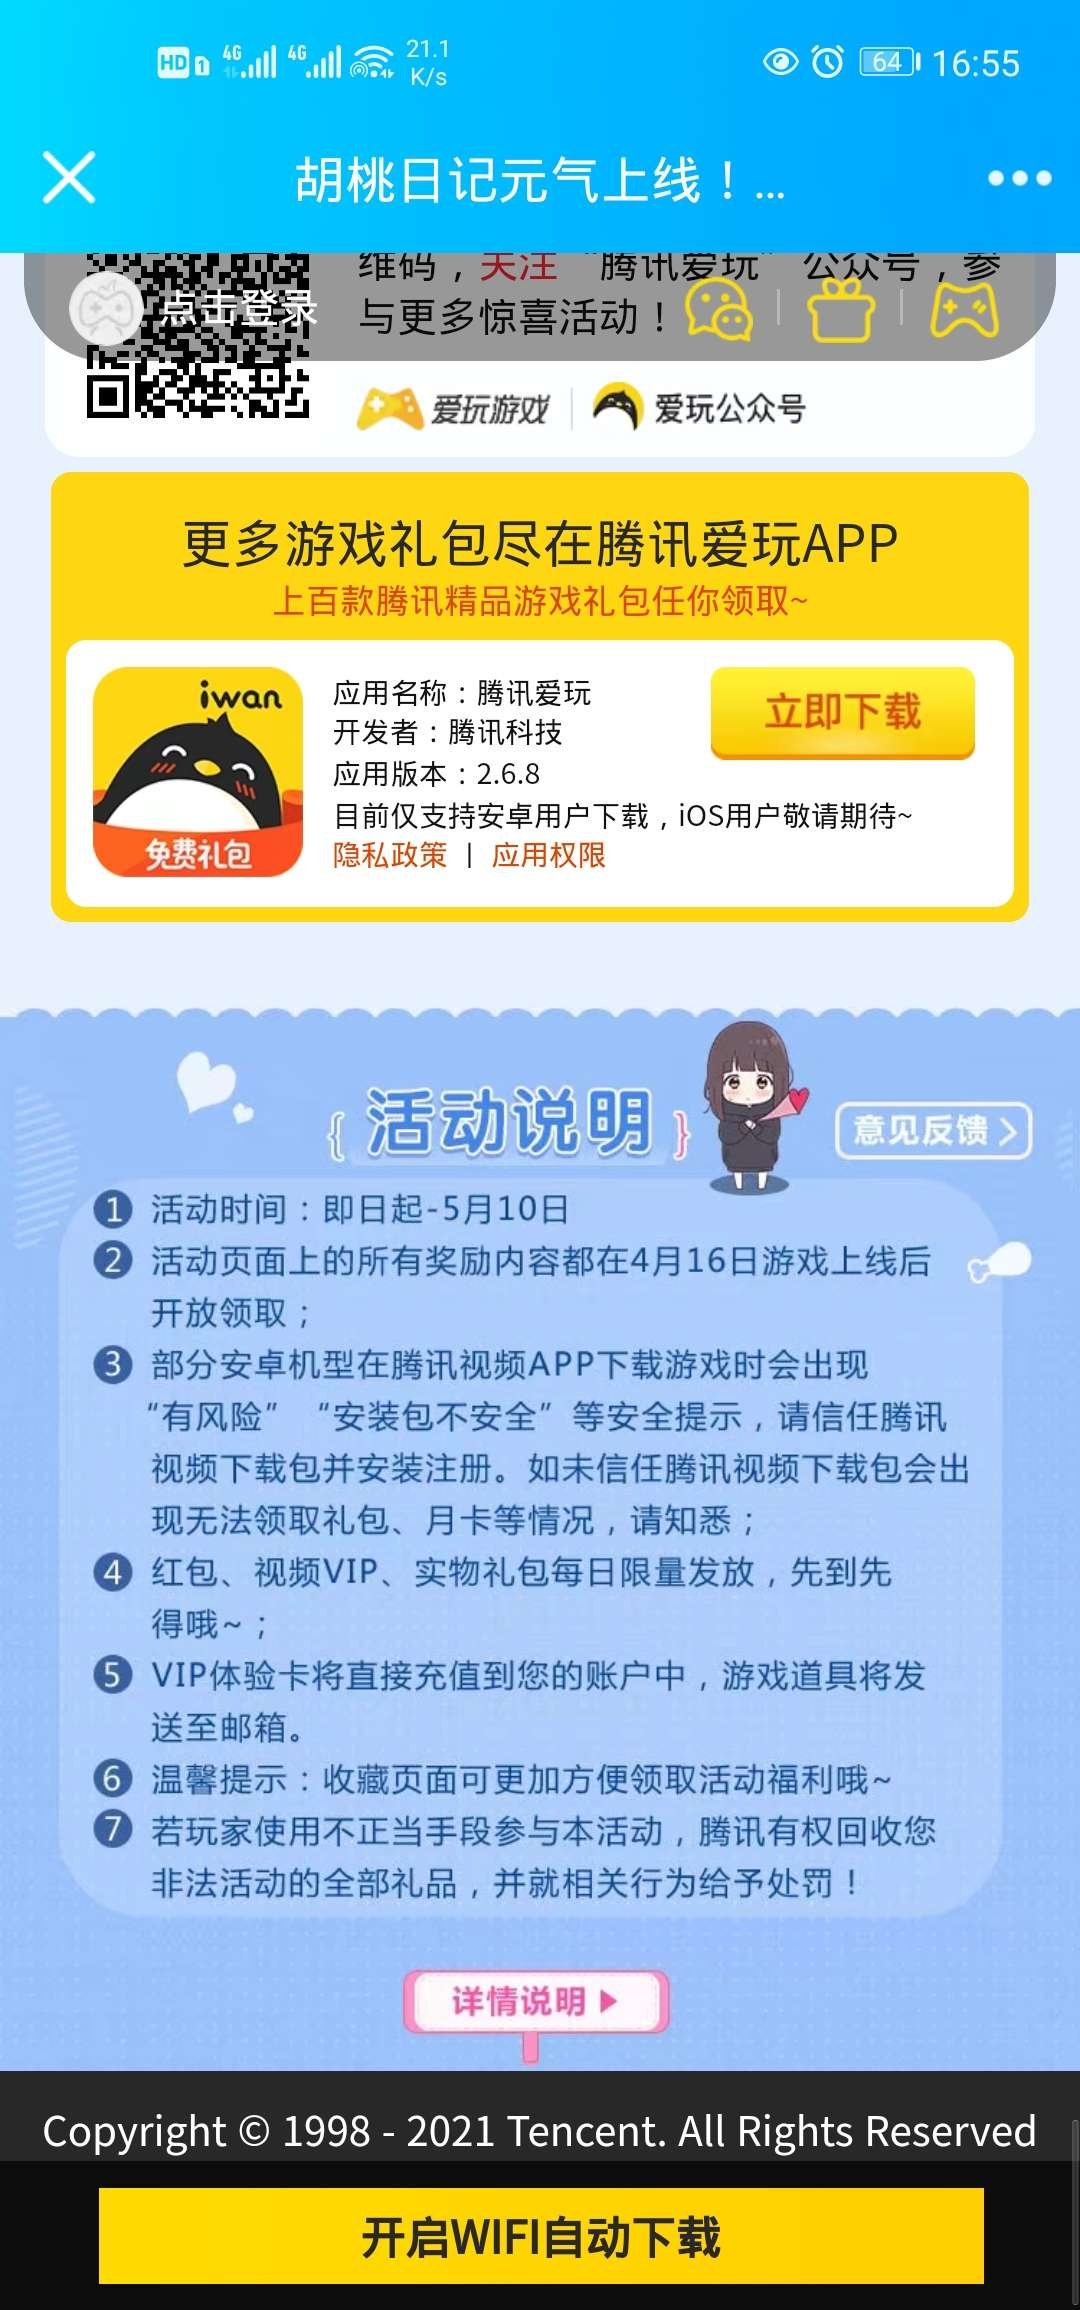 胡桃日记注册领Q币,会员